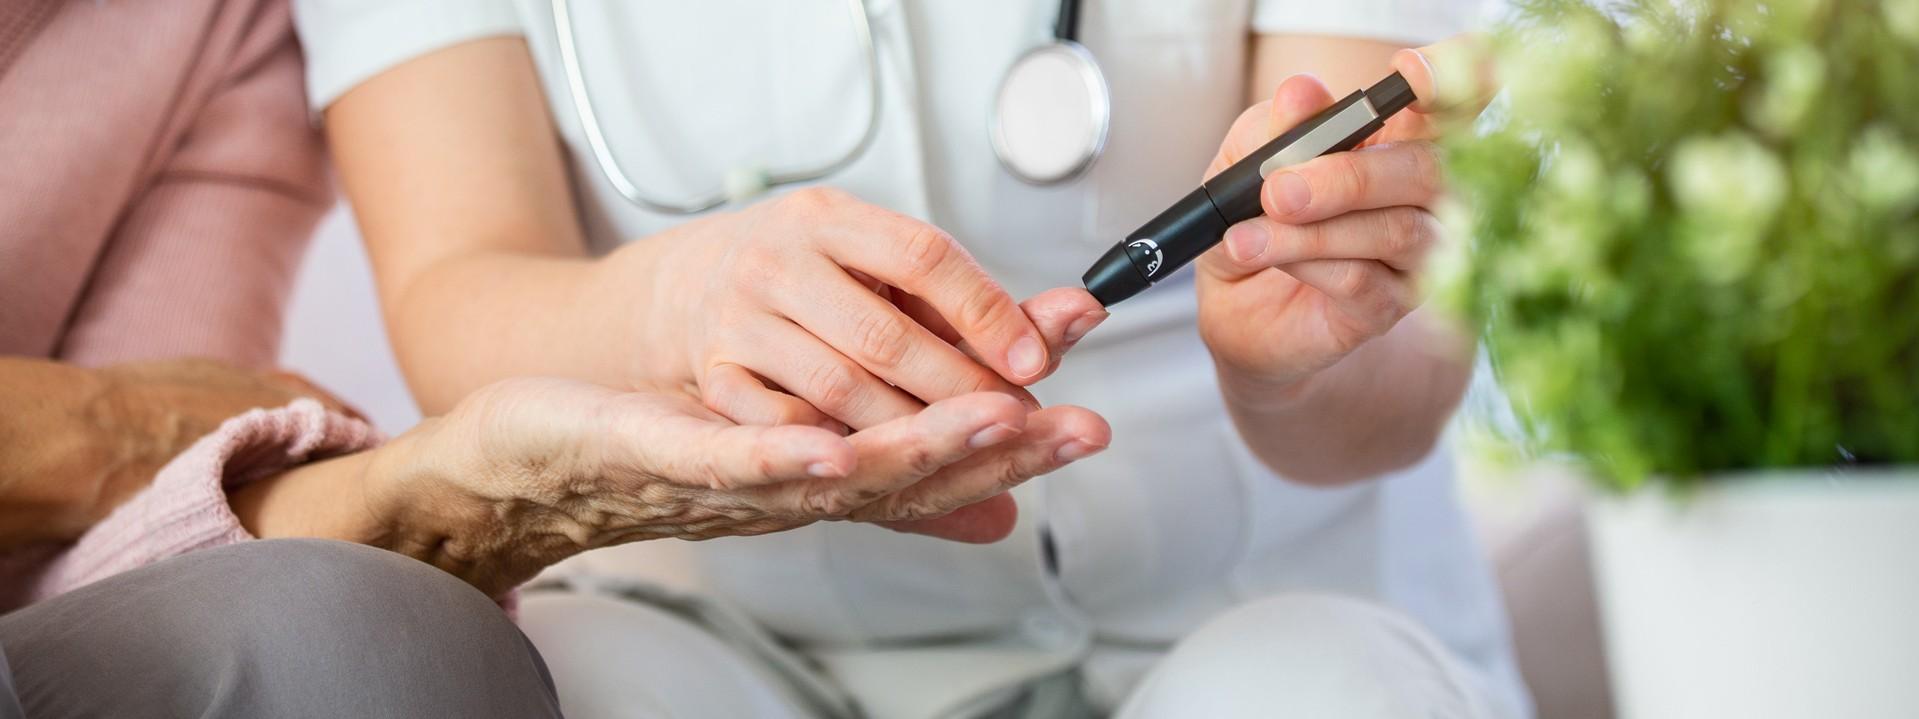 Eine Ärztin misst bei einer Seniorin den Blutzucker mit Hilfe eine Blutzuckermessgerätes am Finger.